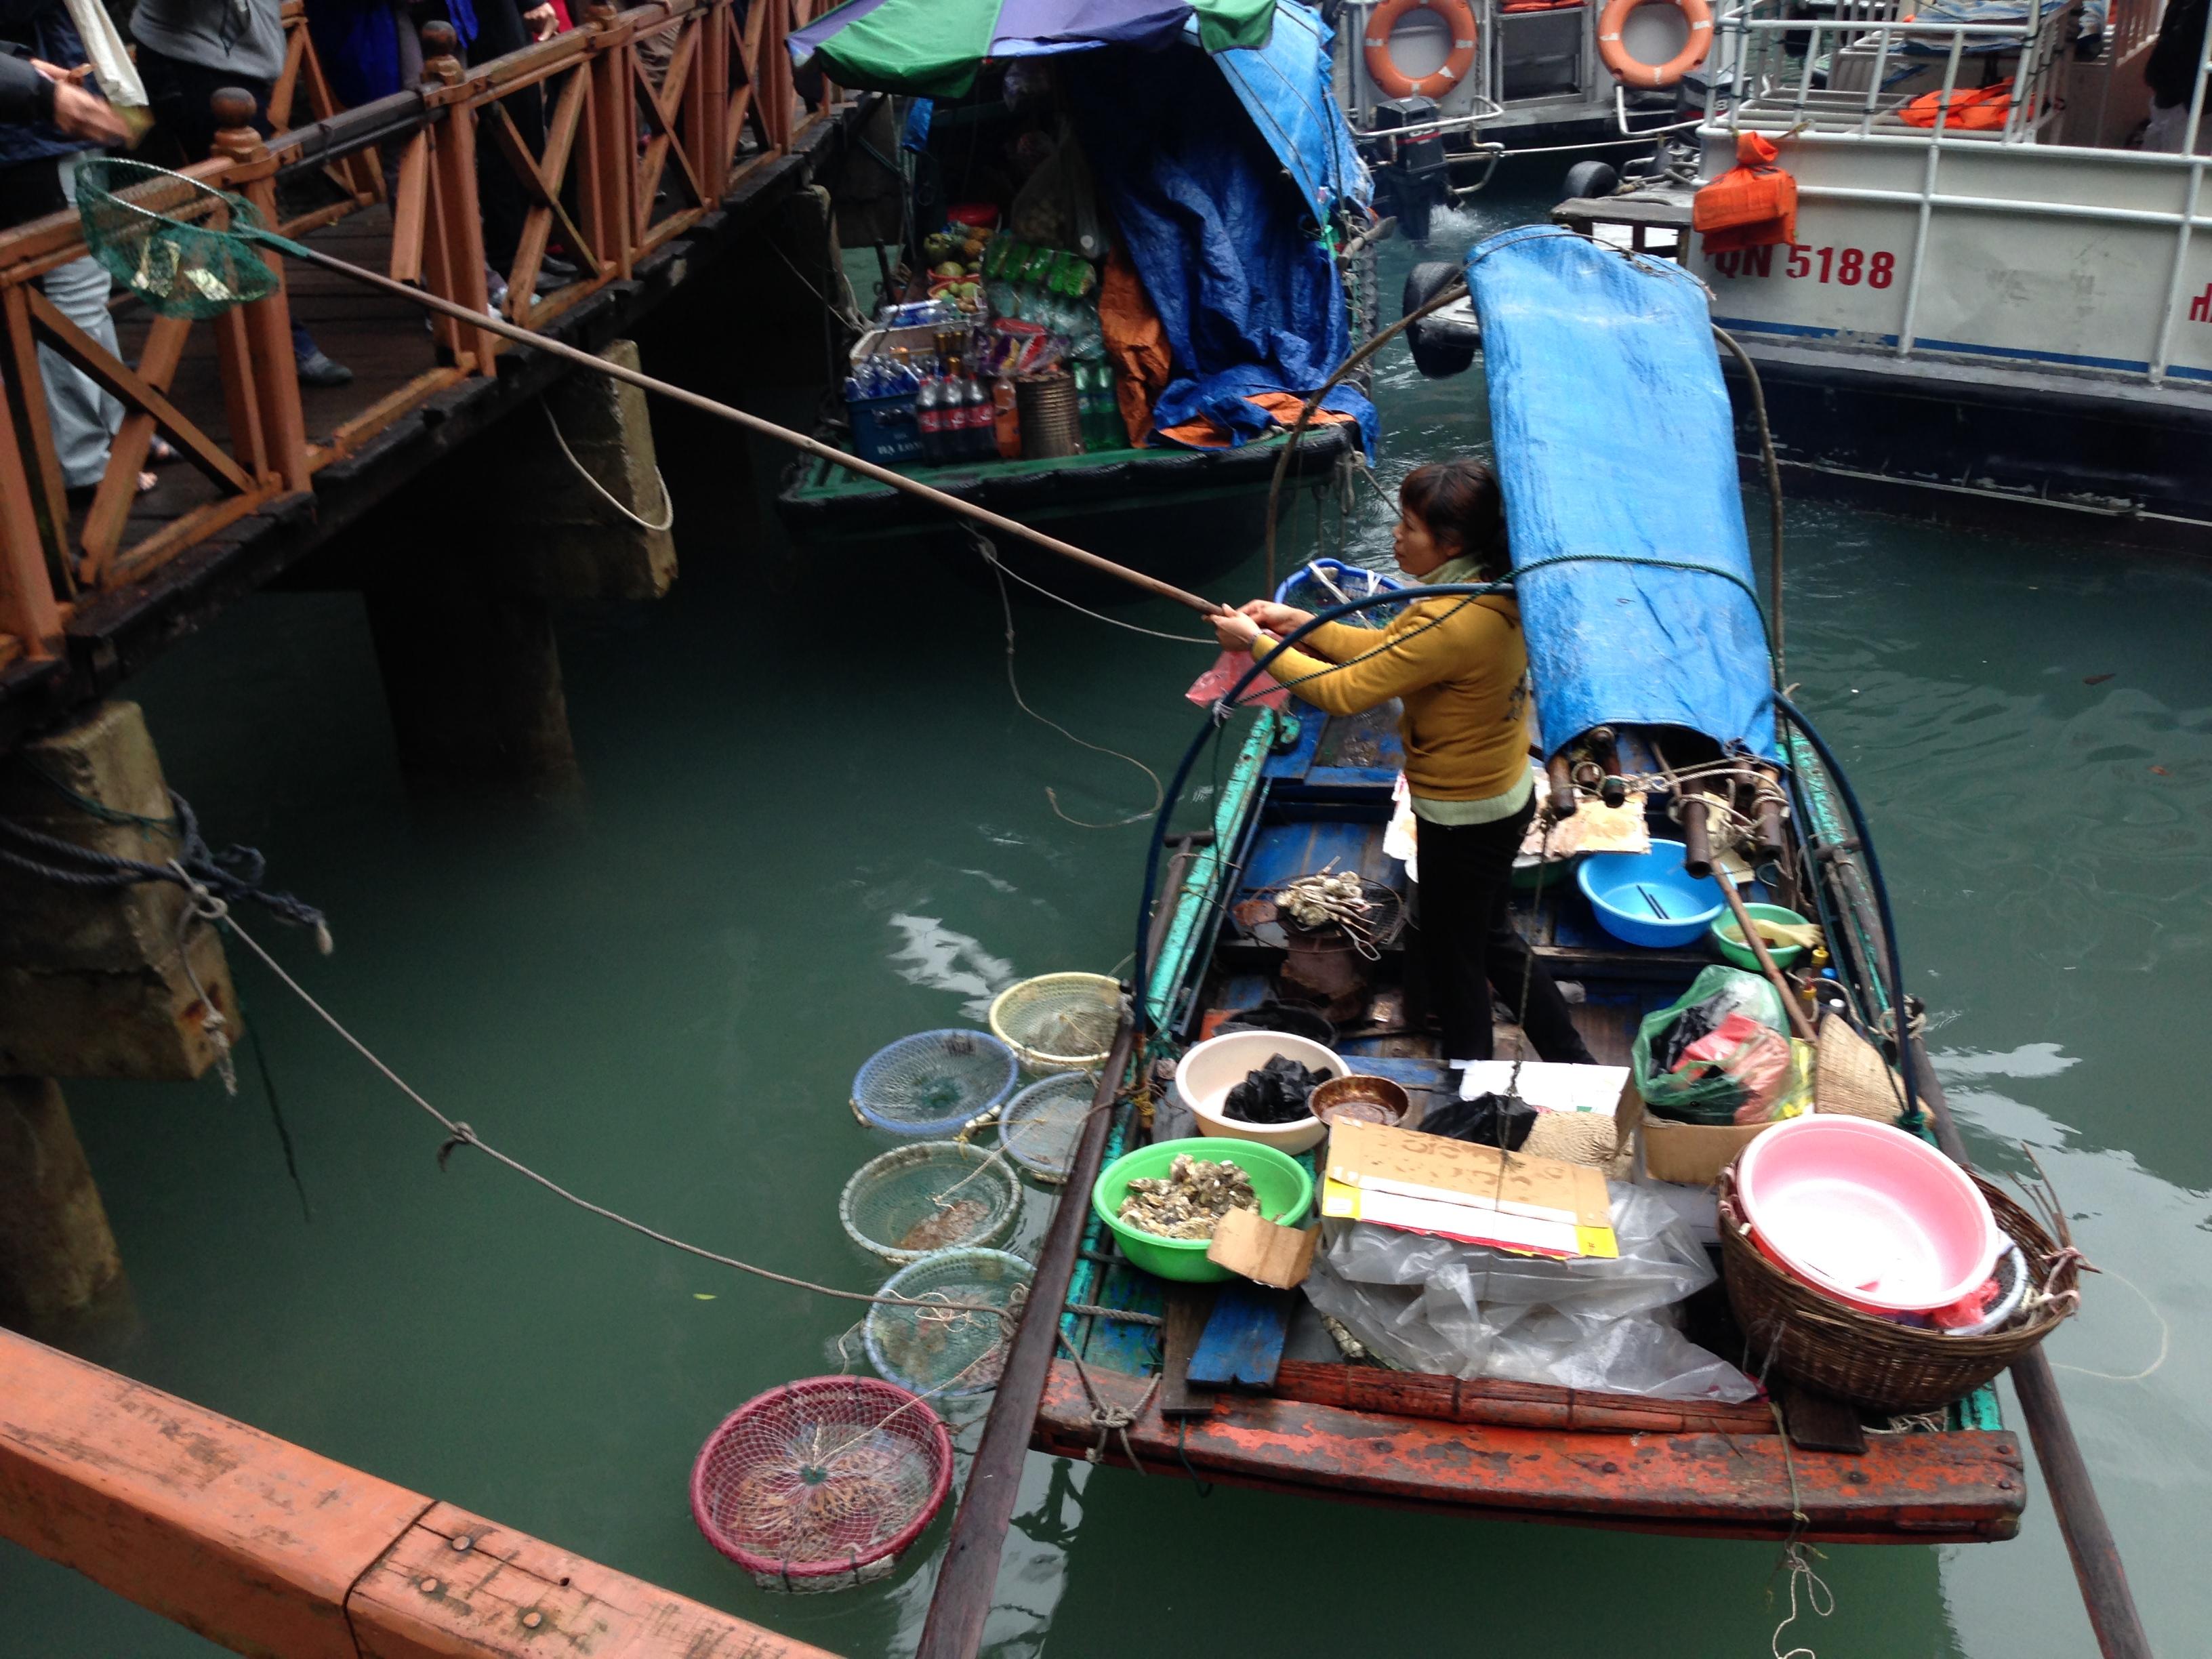 Vietnamese Monkeys Getting A Drink